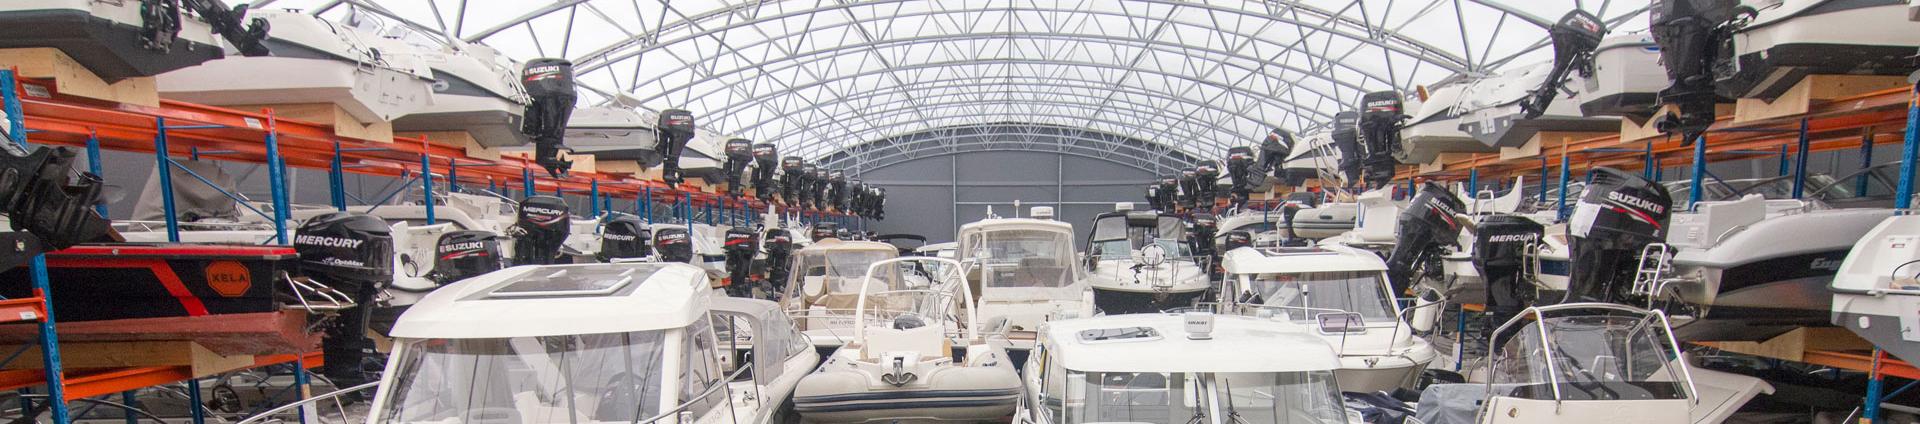 vinterförvaring-båtar